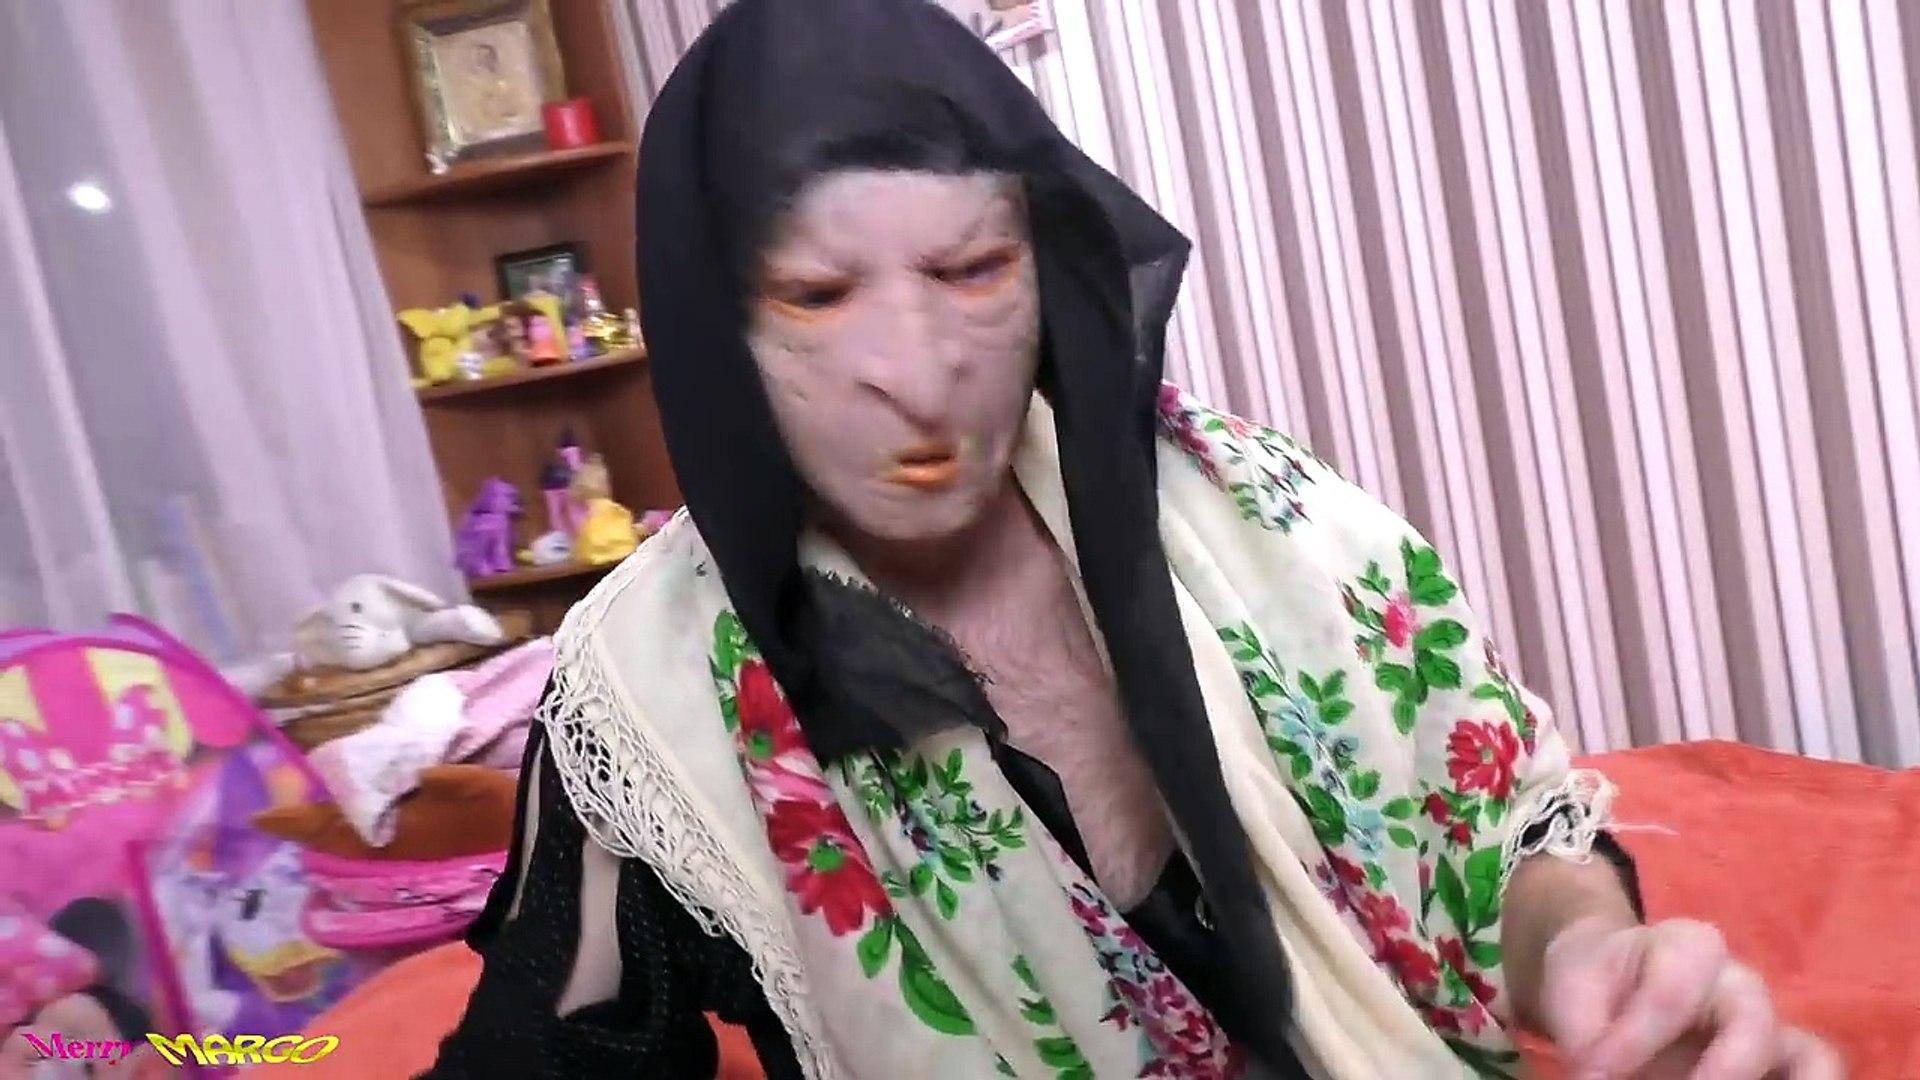 Ведьма украла малыша  Видео для детей  Маргарита как мама  Bad Baby! Мультик Куклы Настя-5FpDQGAv5sE